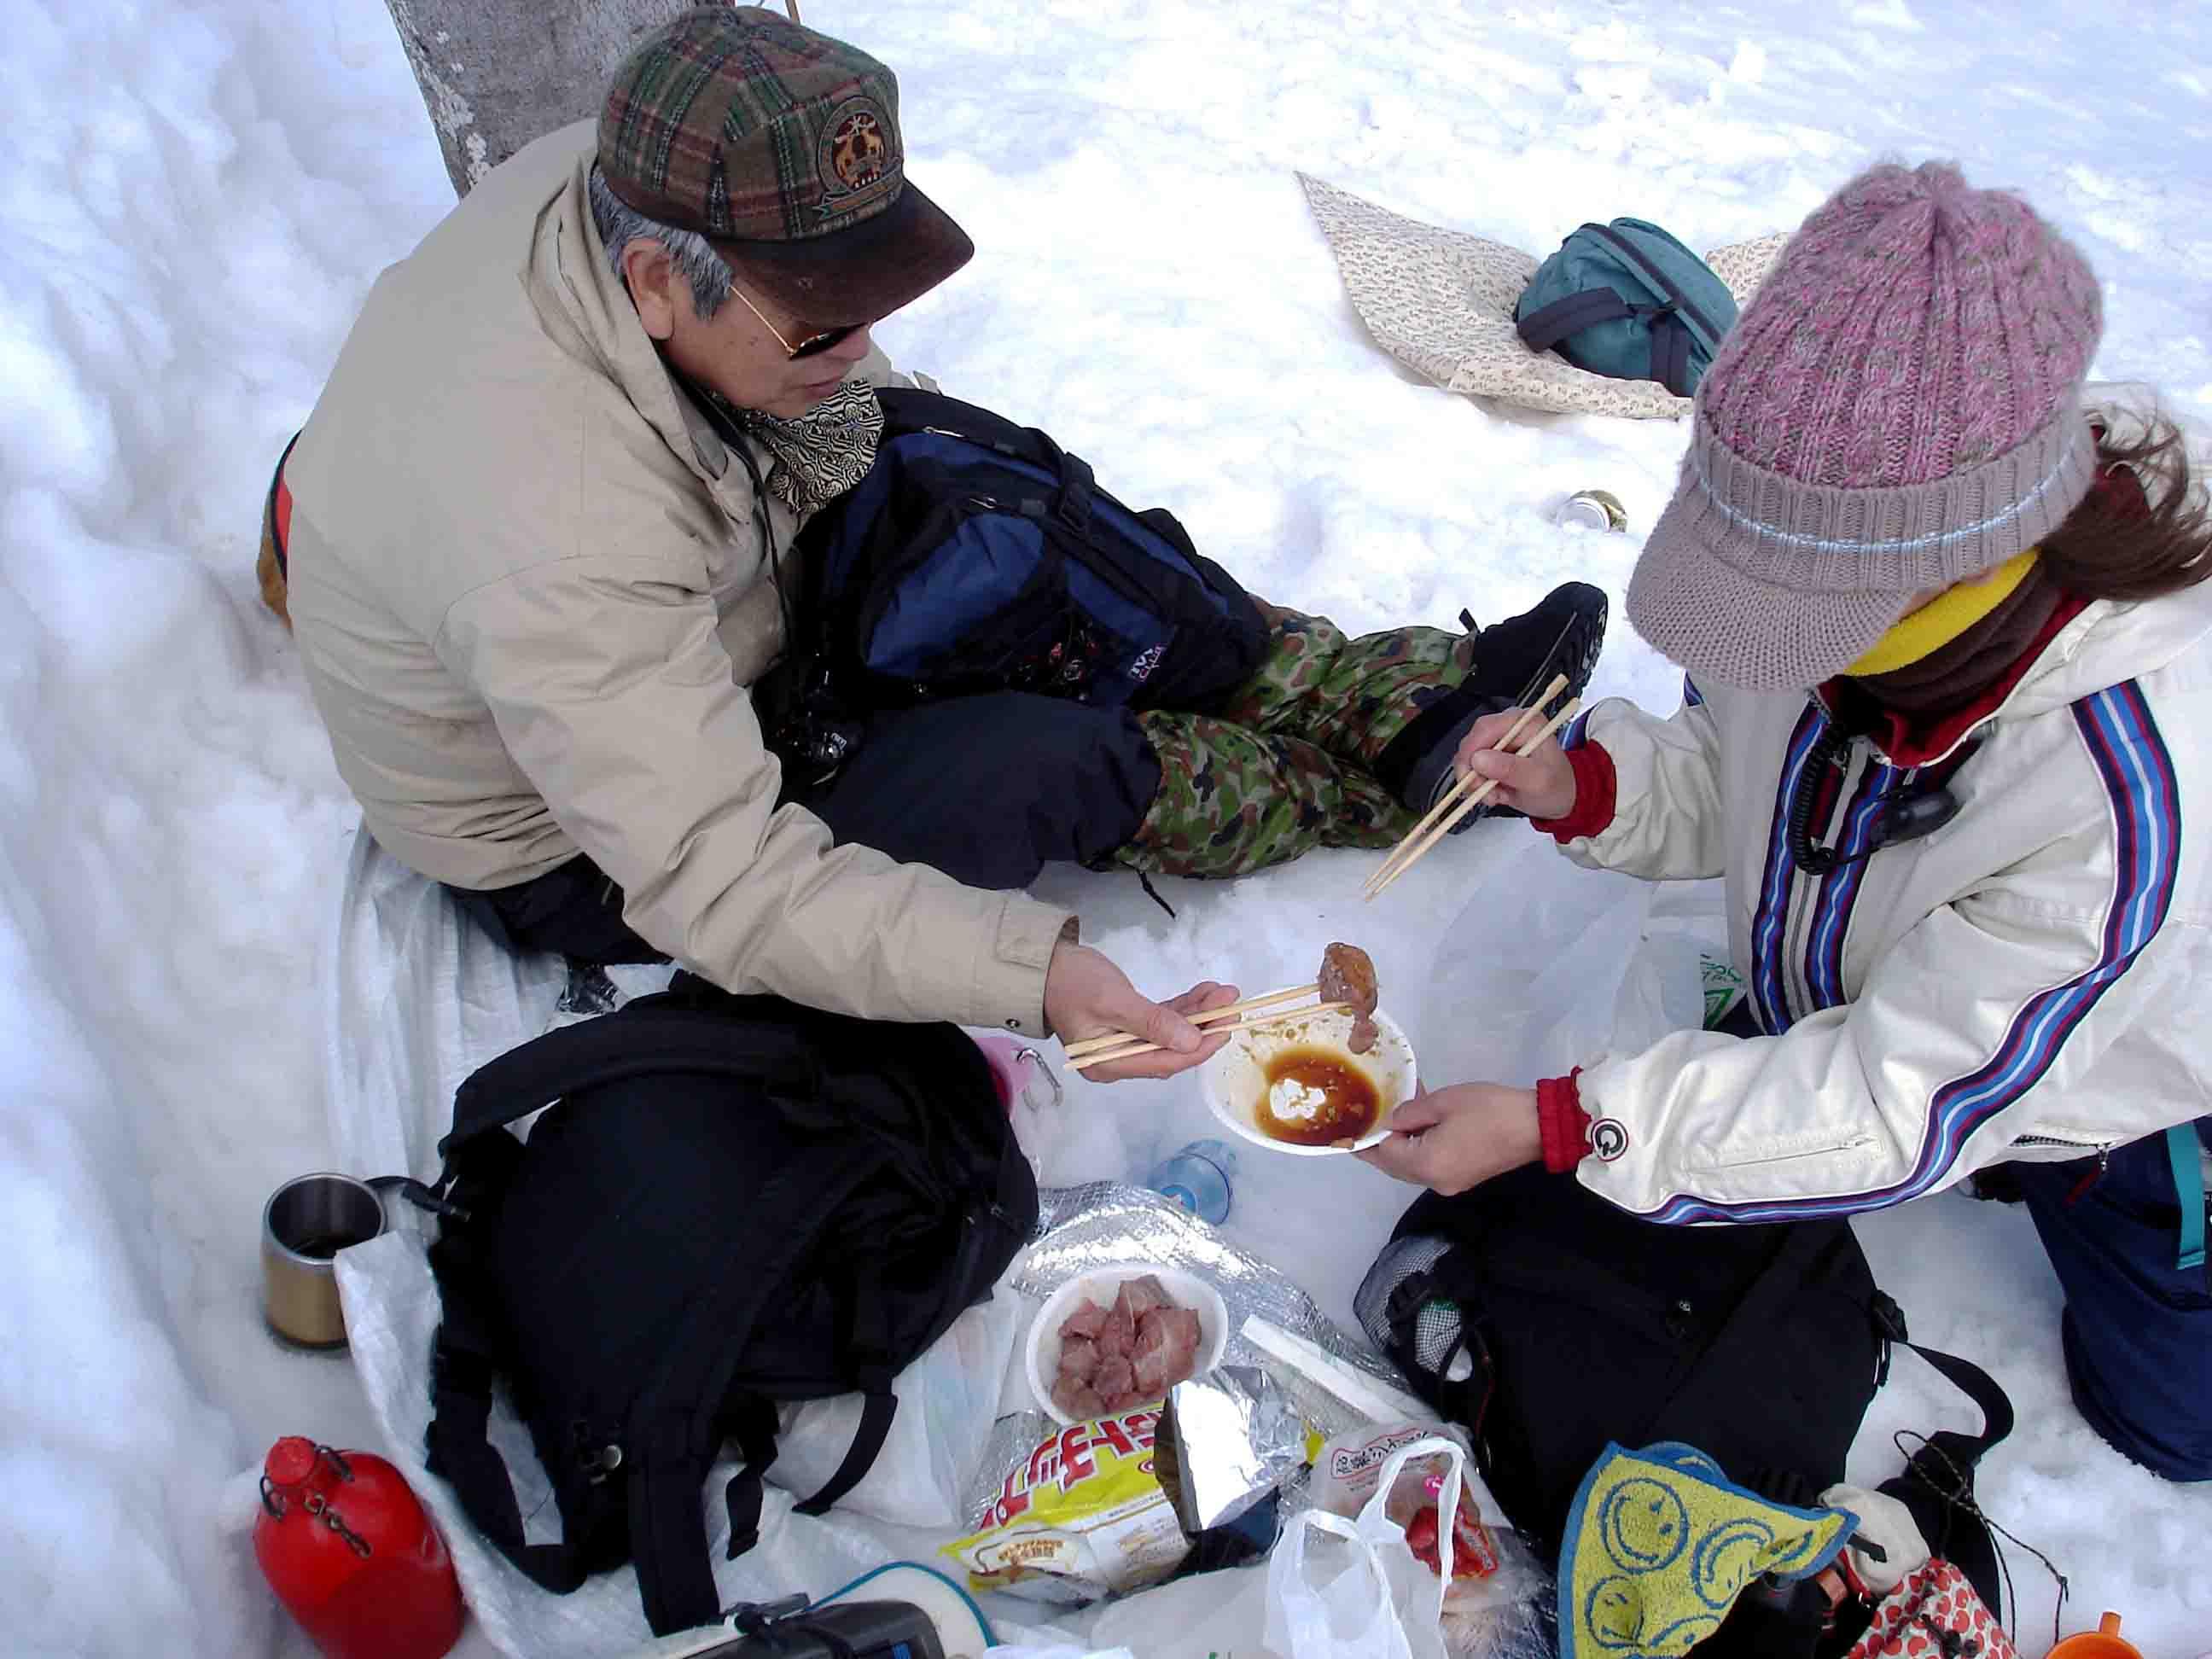 雪中訓練Ⅱ(11) 雪上の至福(クロマグロ)